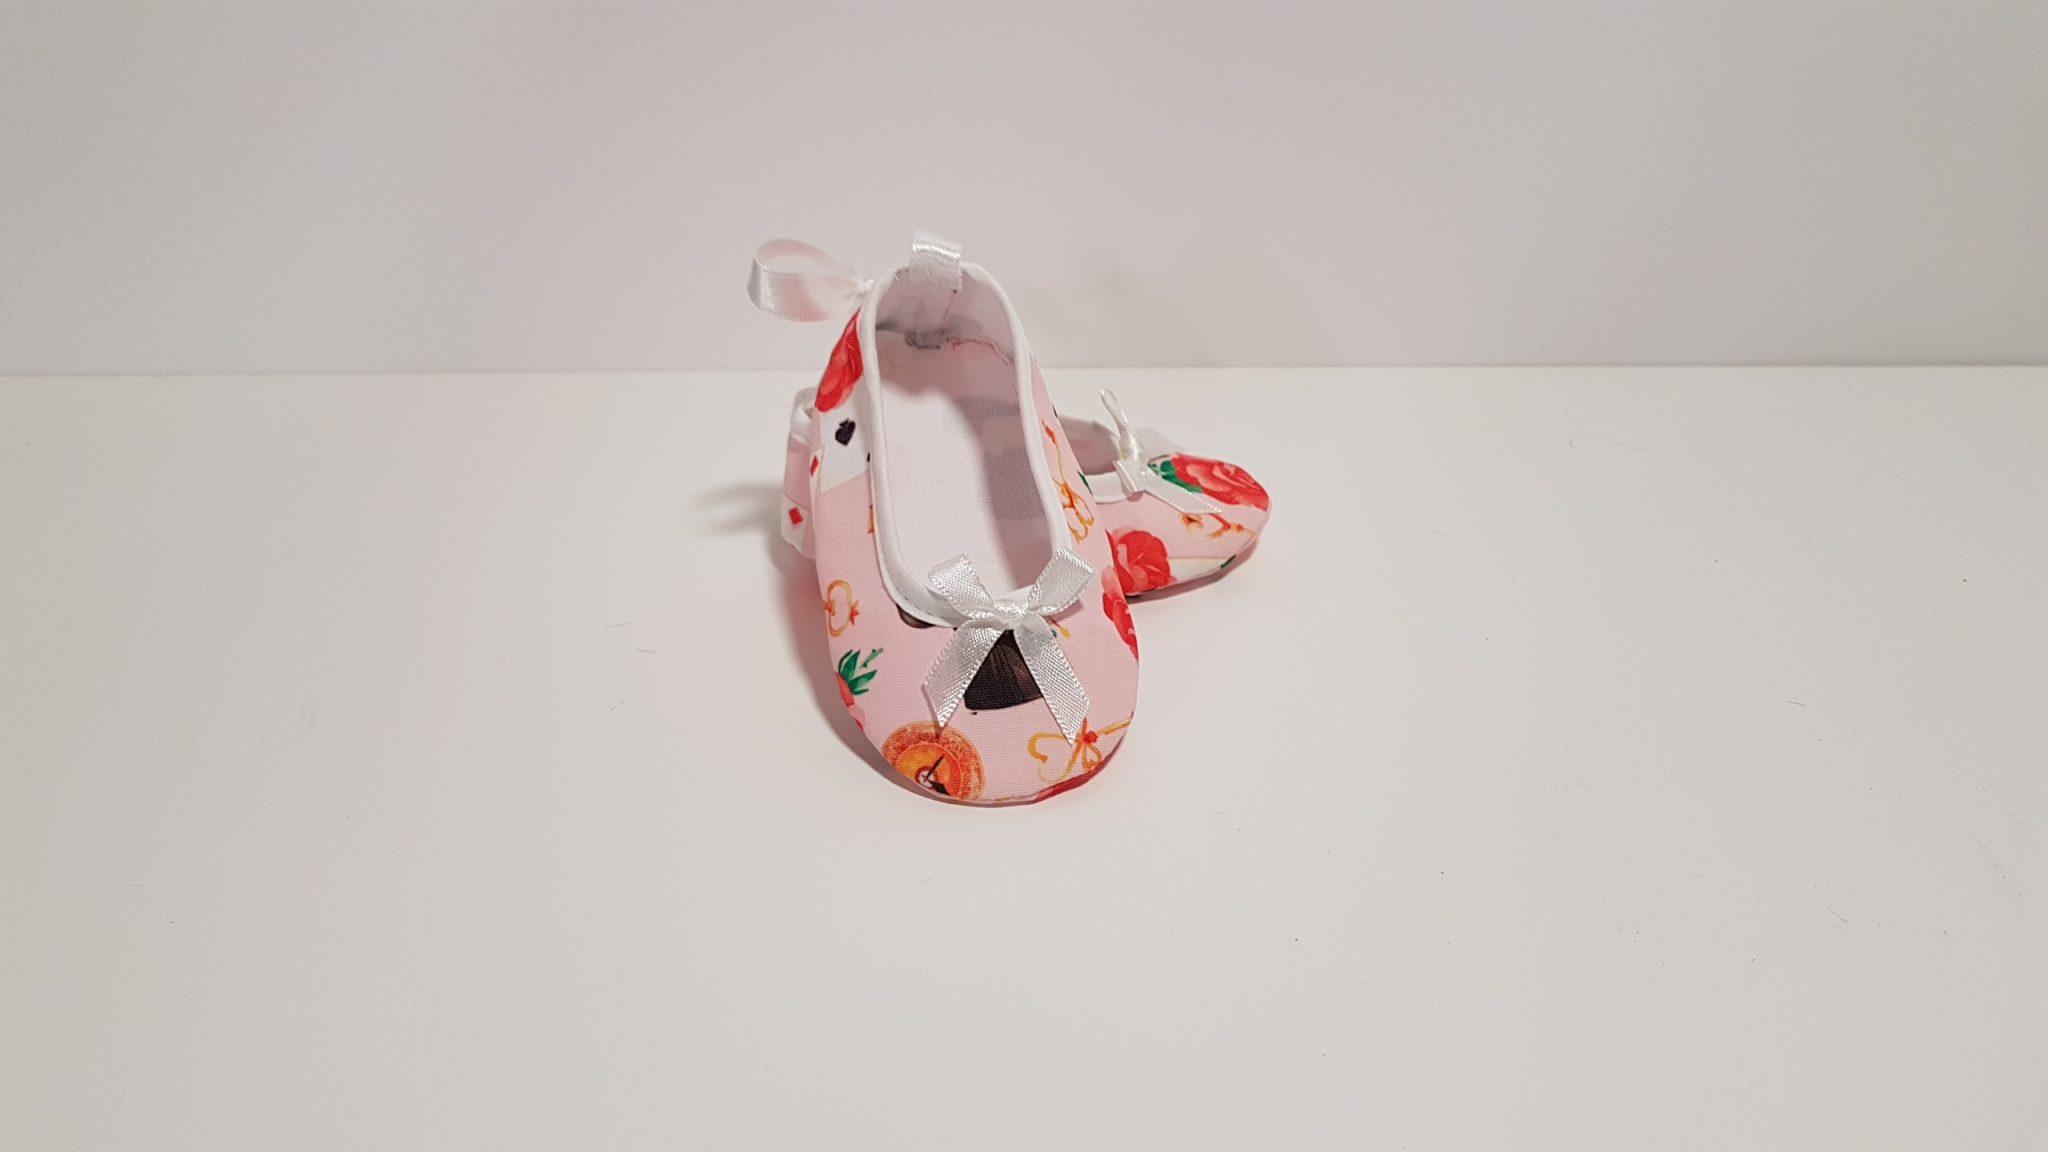 Μπομπονιέρα παπουτσάκια με θέμα βάφτισης την Αλίκη στην χώρα των θαυμάτων.